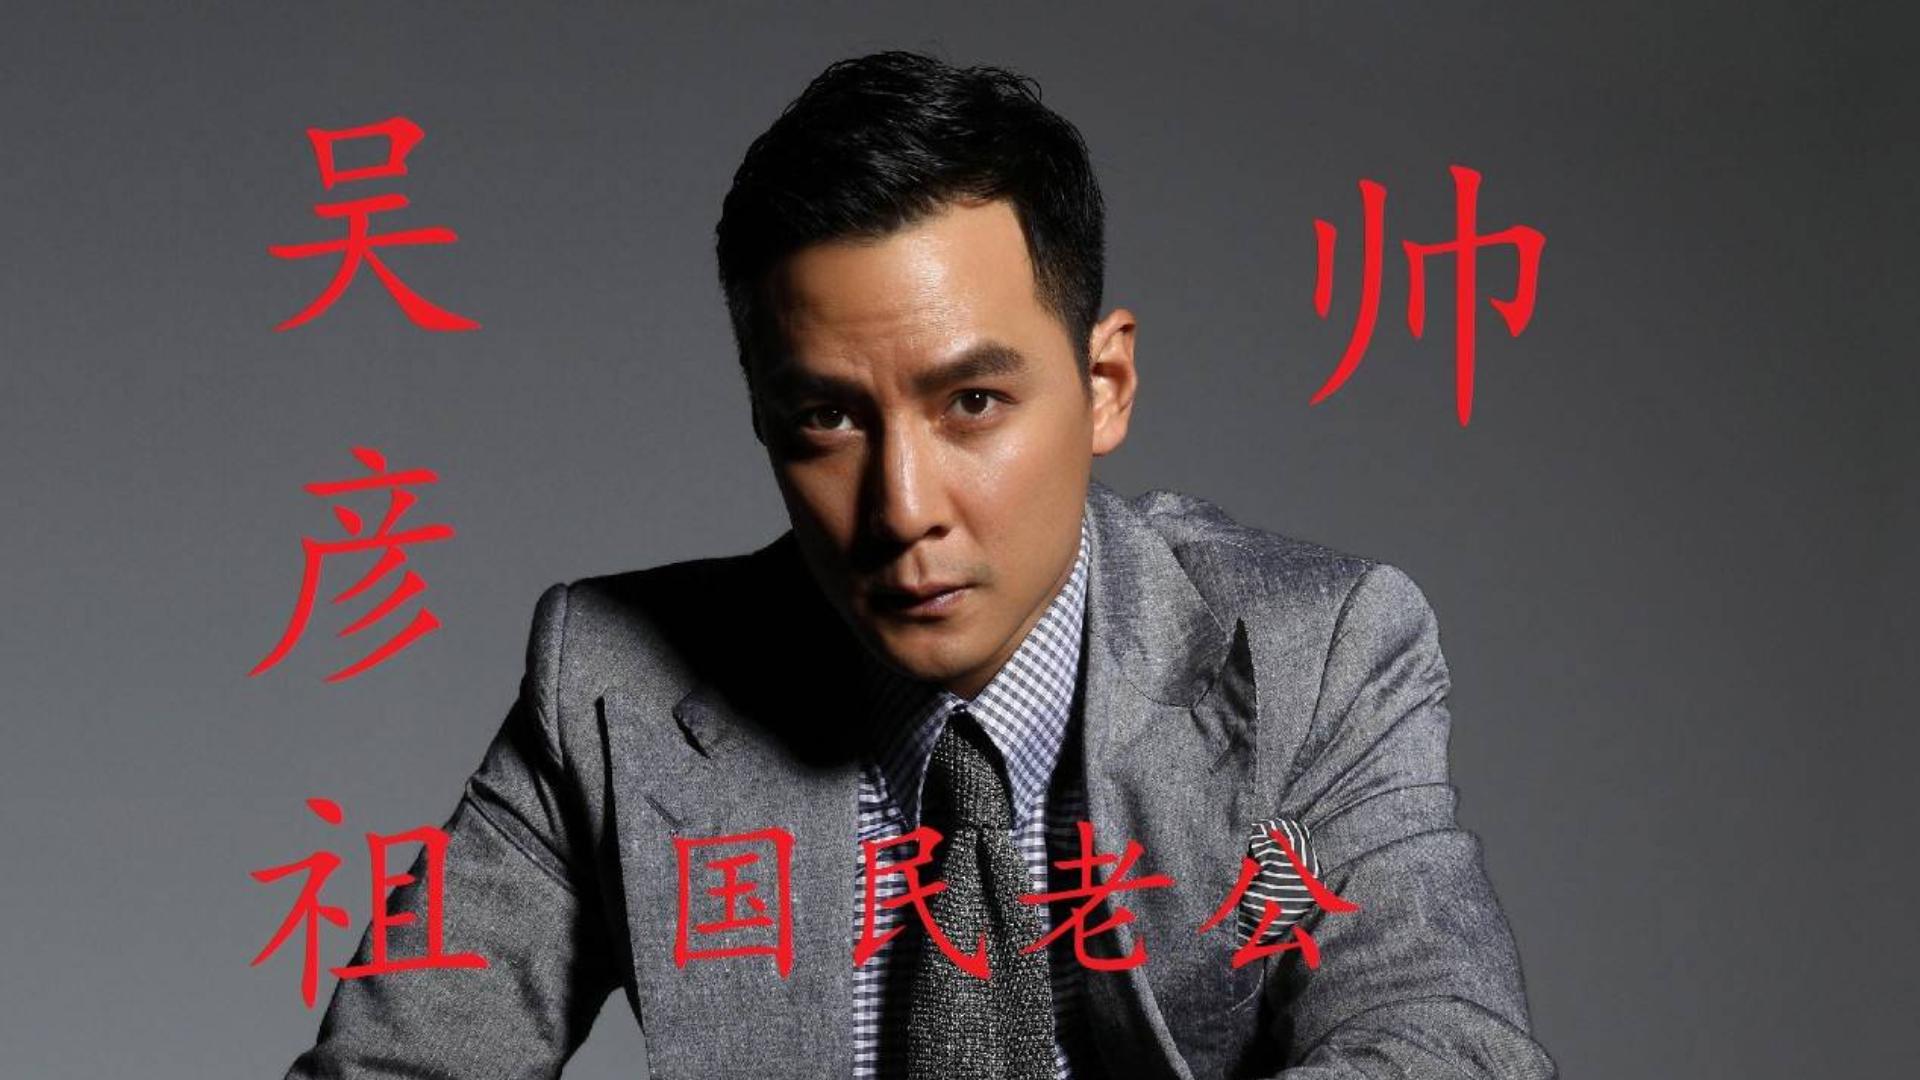 【电影盘点】吴彦祖的五大名场盘点